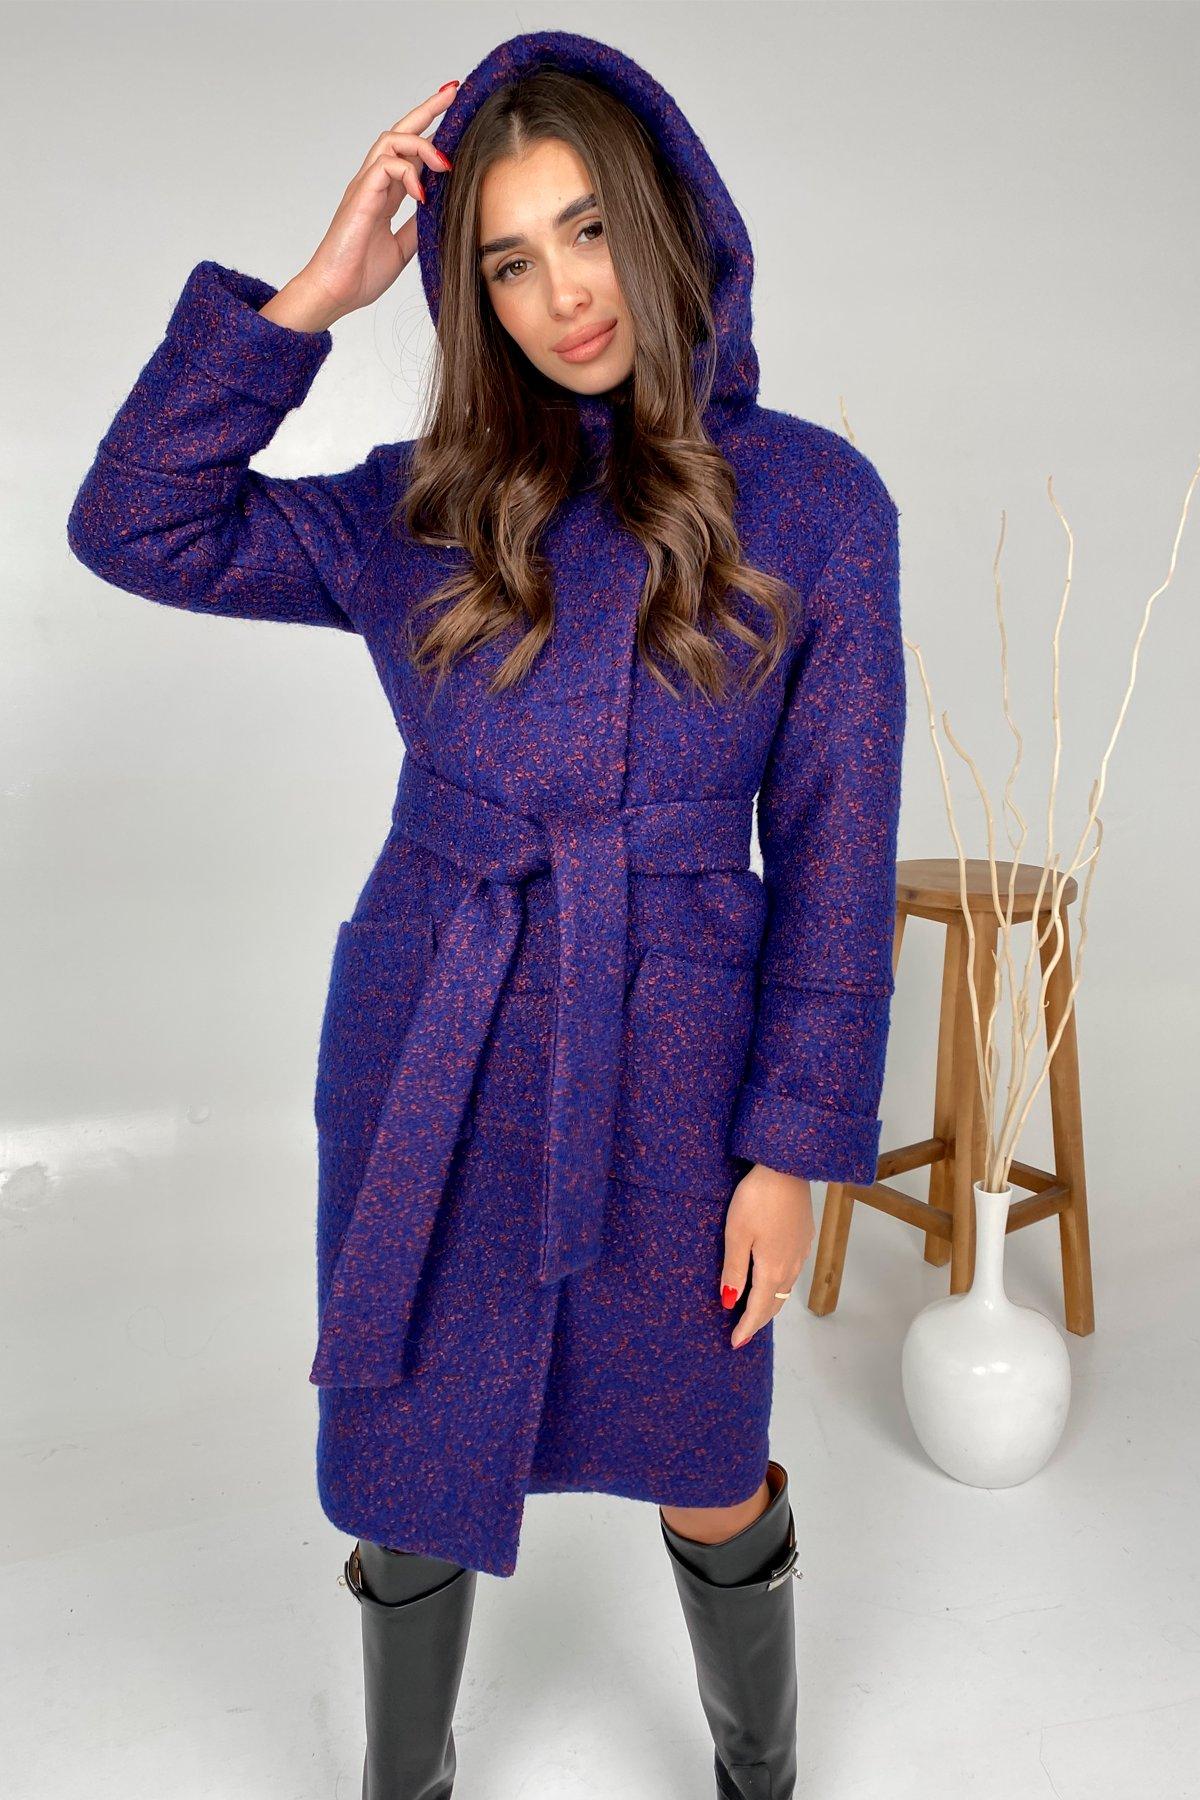 Пальто зима шерсть букле Анита 8320 АРТ. 44770 Цвет: Т.синий/марсал - фото 2, интернет магазин tm-modus.ru